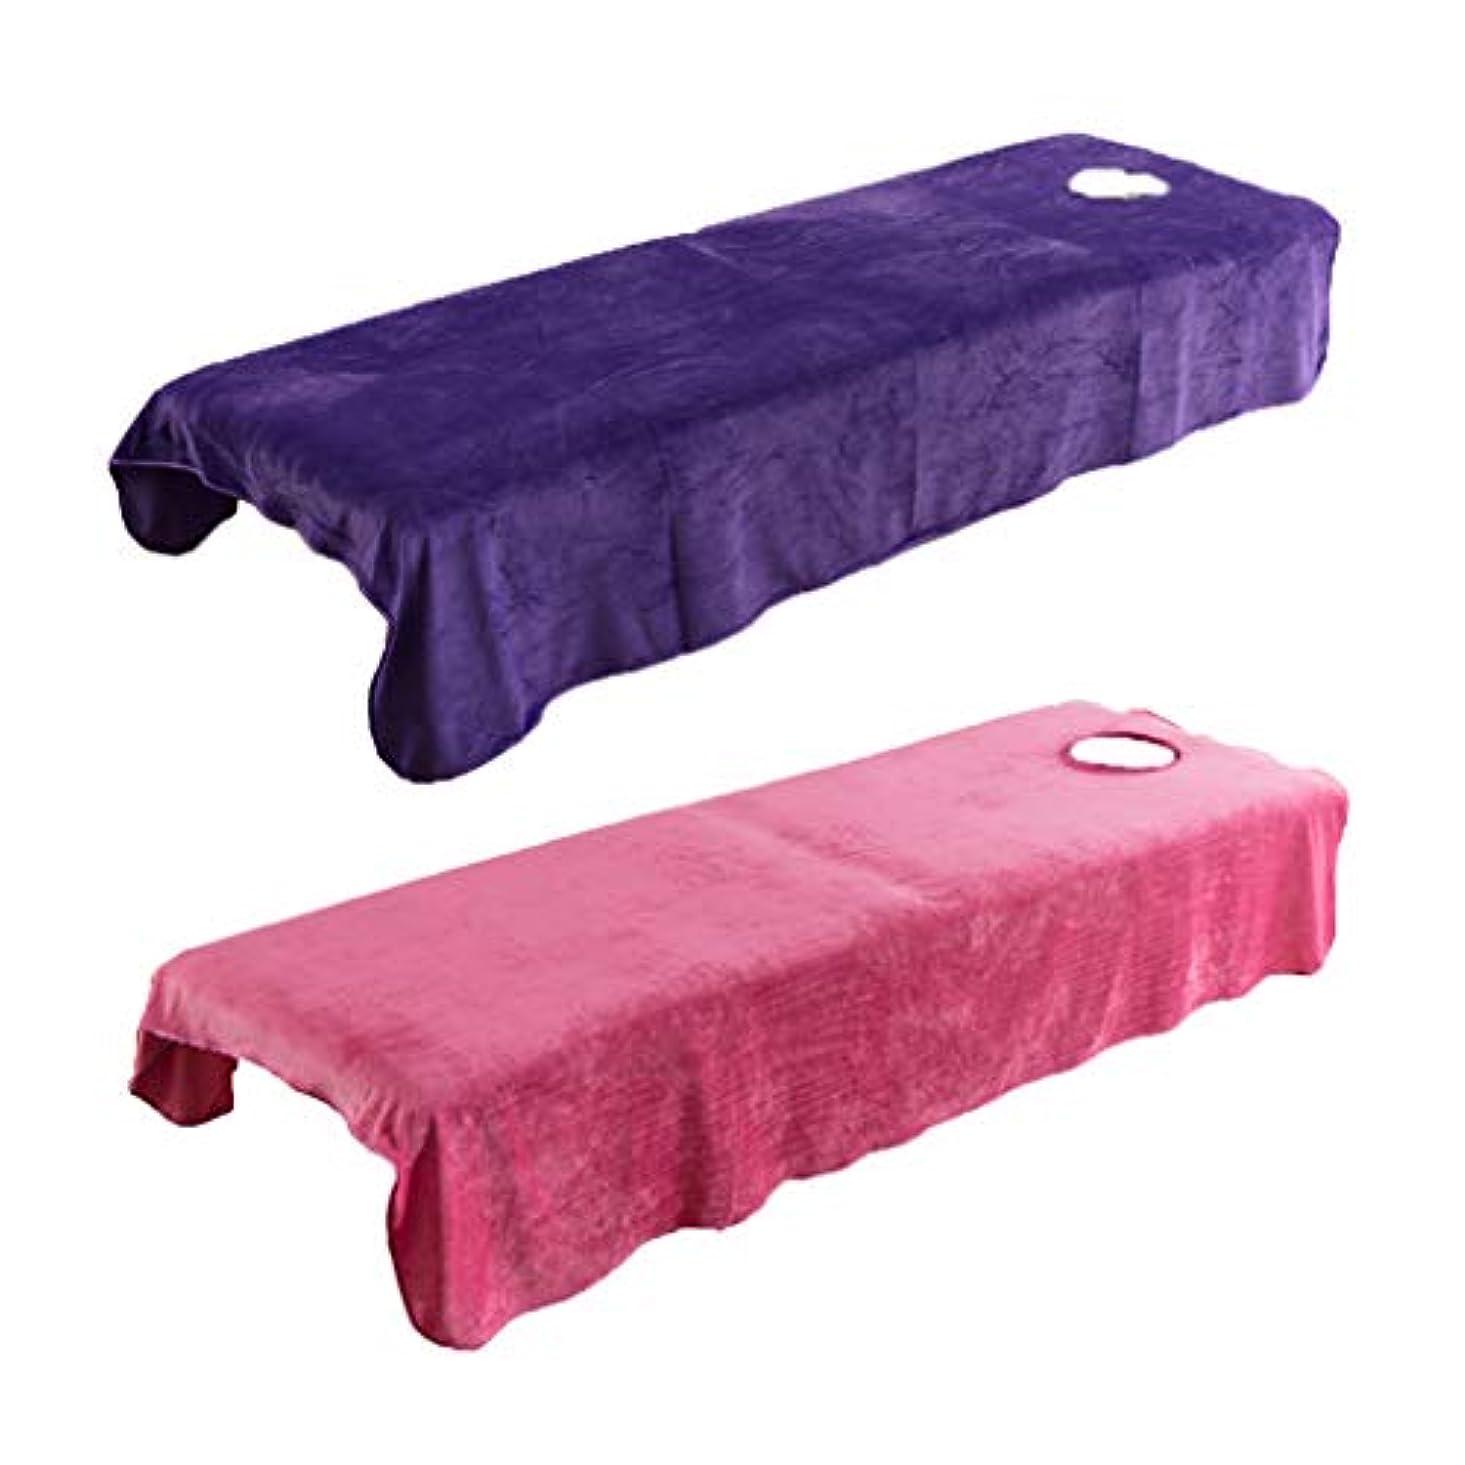 パトロン読みやすい迅速2枚 スパ マッサージベッドカバー 有孔 美容ベッドカバー マッサージ台シーツカバー 快適 通気性